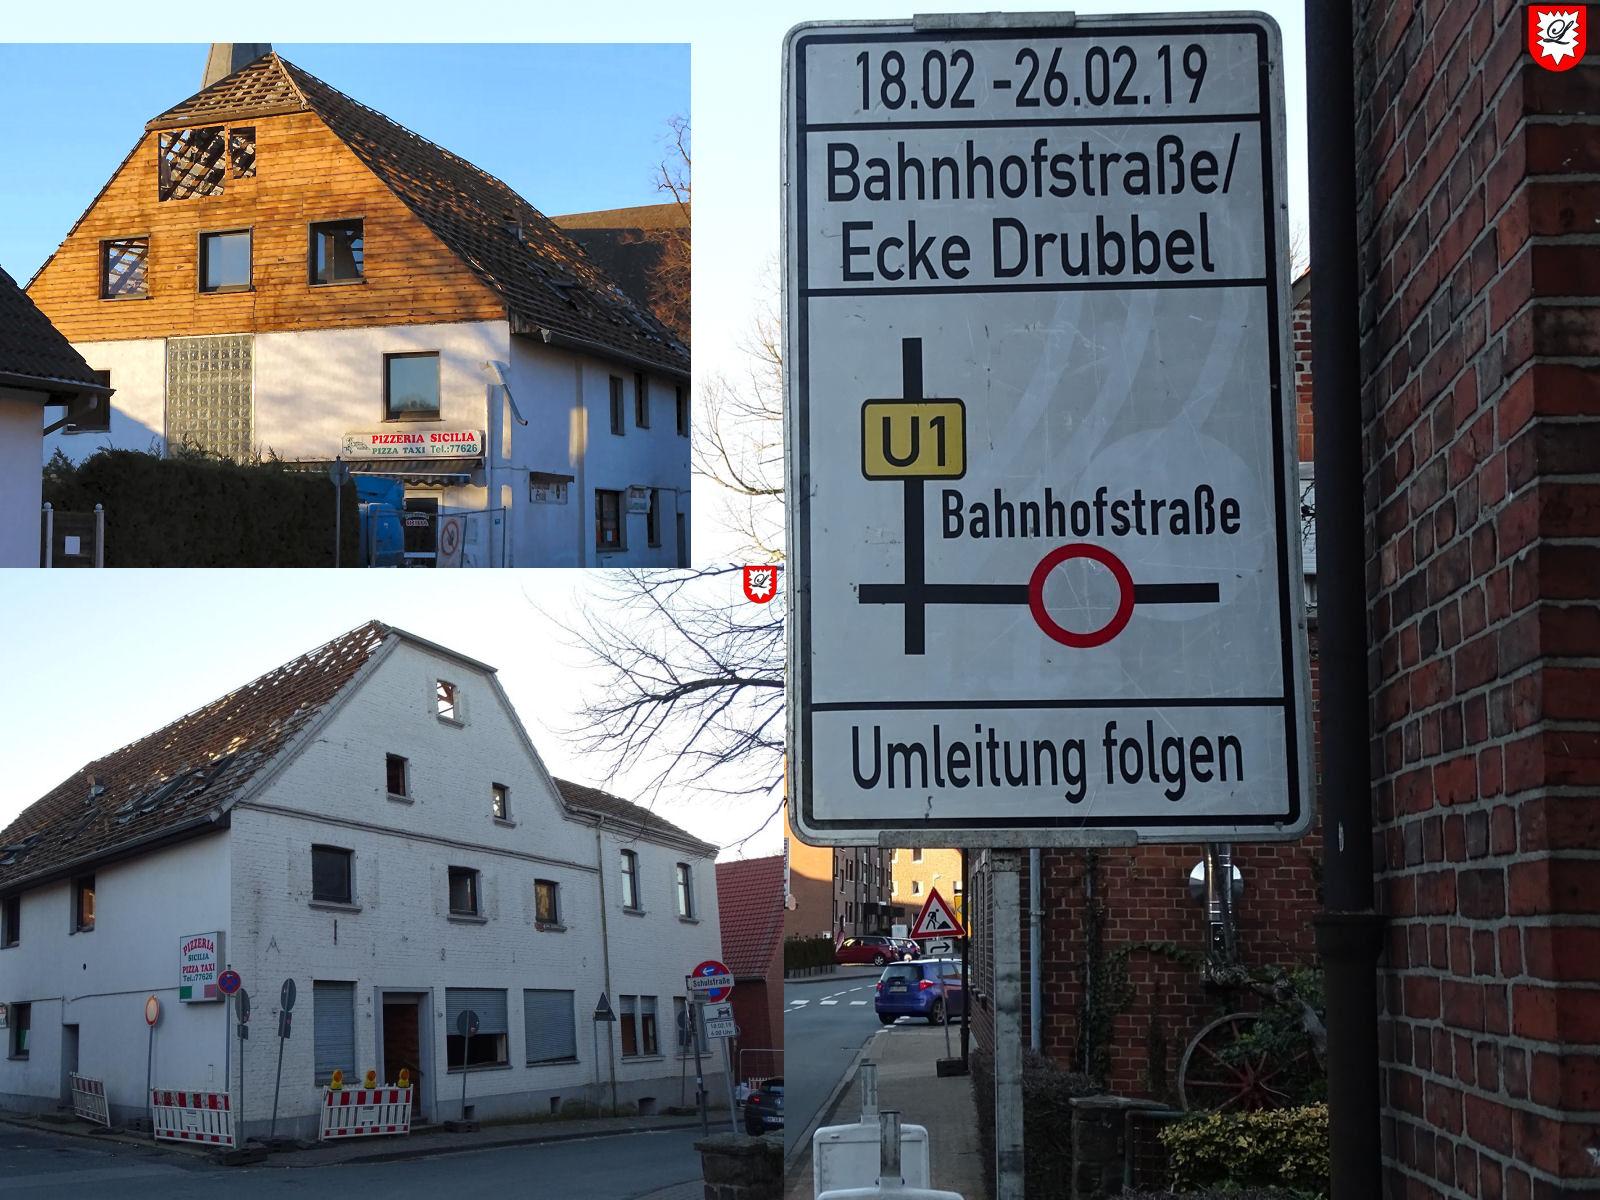 Brauhaus-Abriss